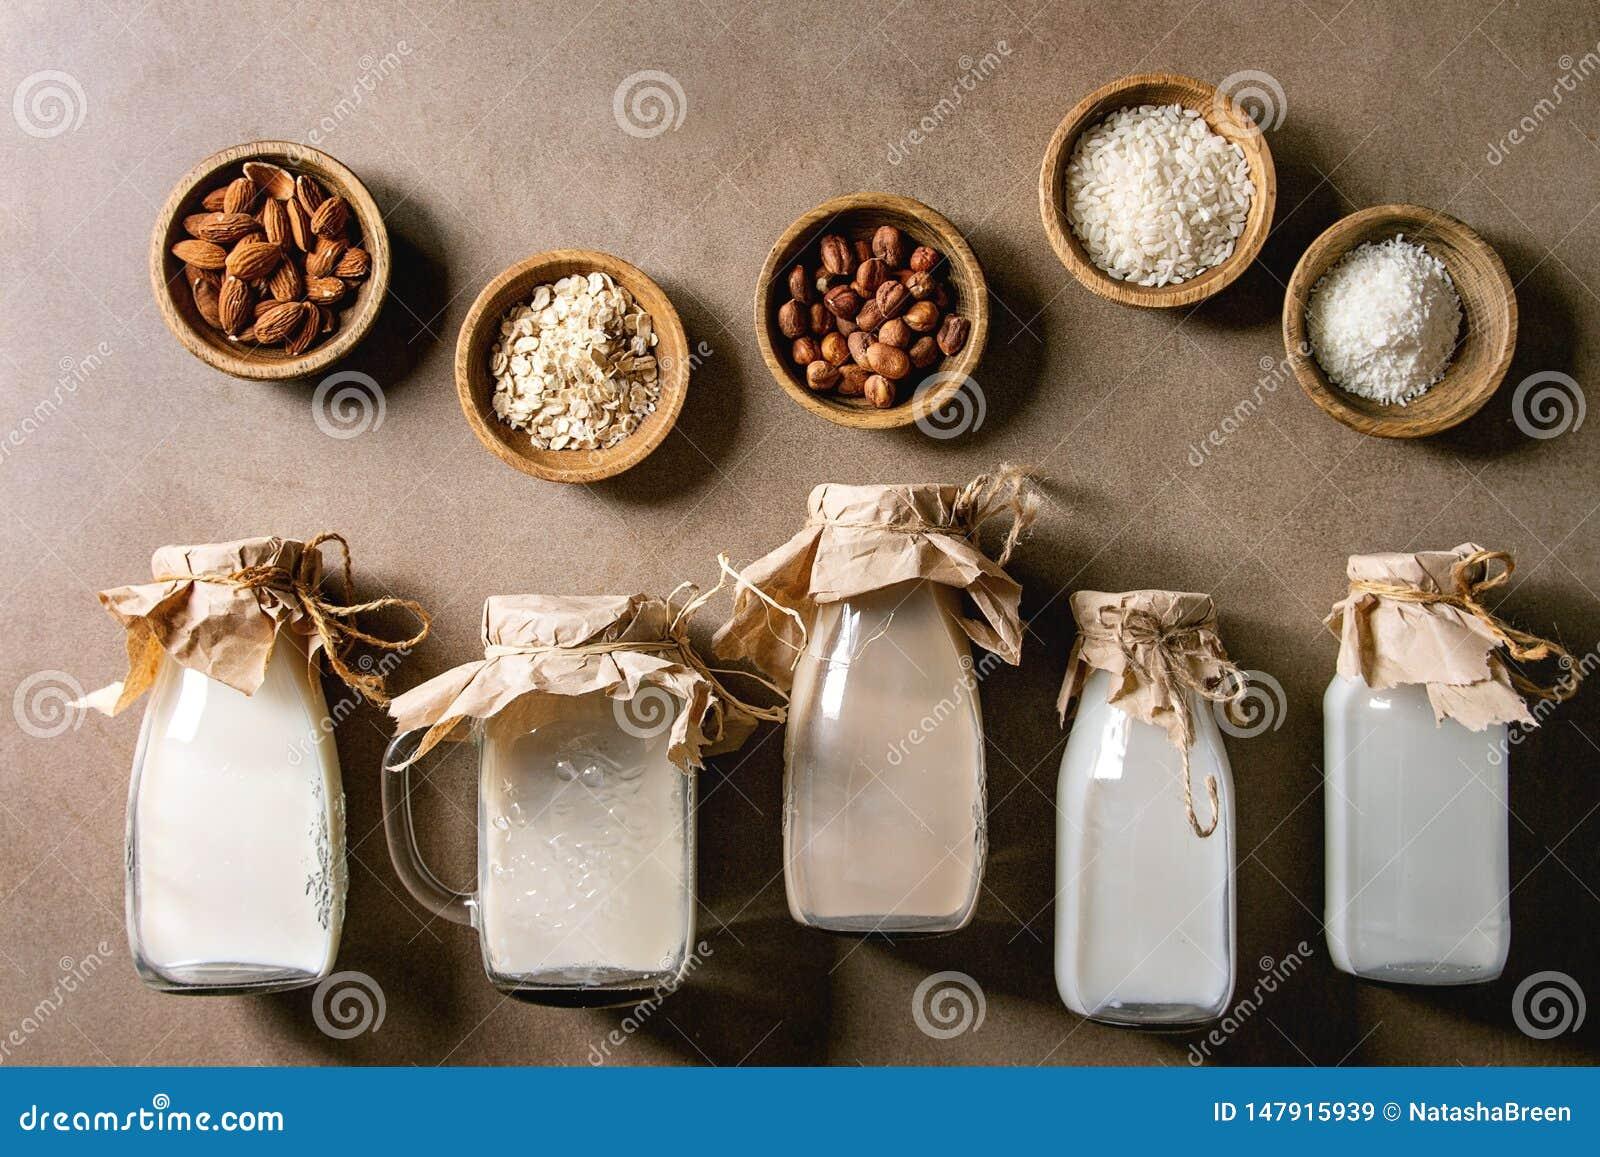 Vari?t? de lait sans aucun produit laitier